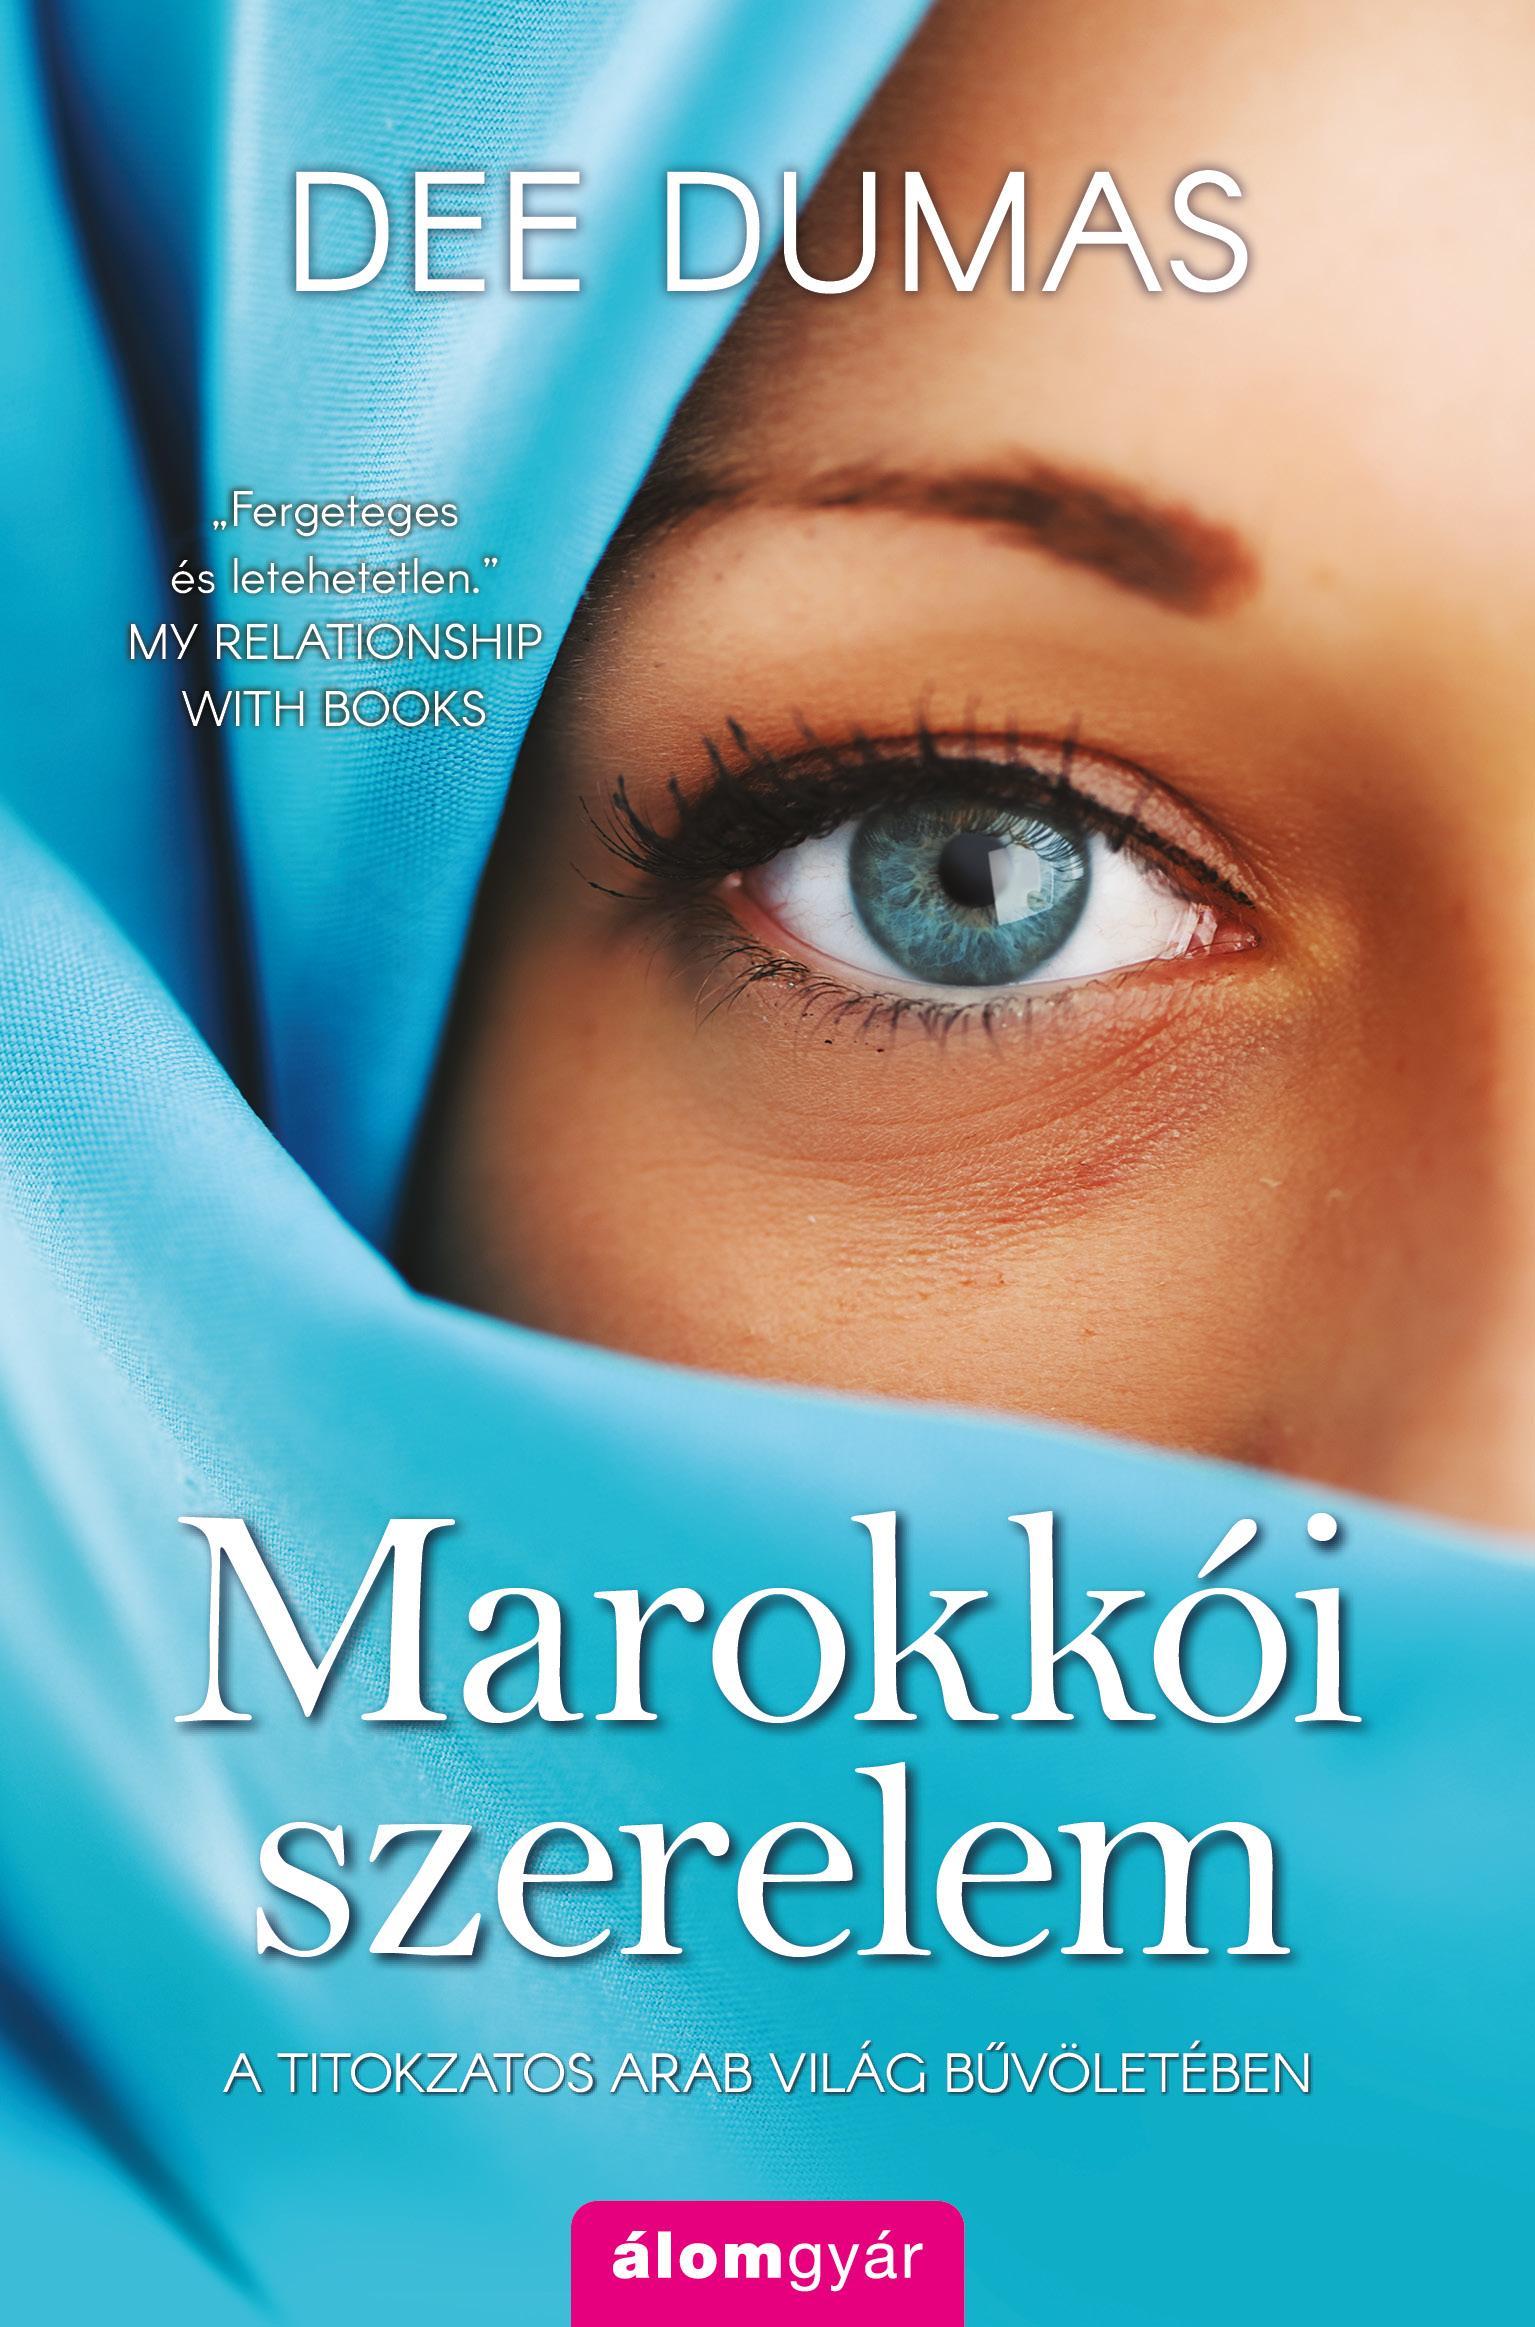 MAROKKÓI SZERELEM - A TITOKZATOS ARAB VILÁG BÛVÖLETÉBEN